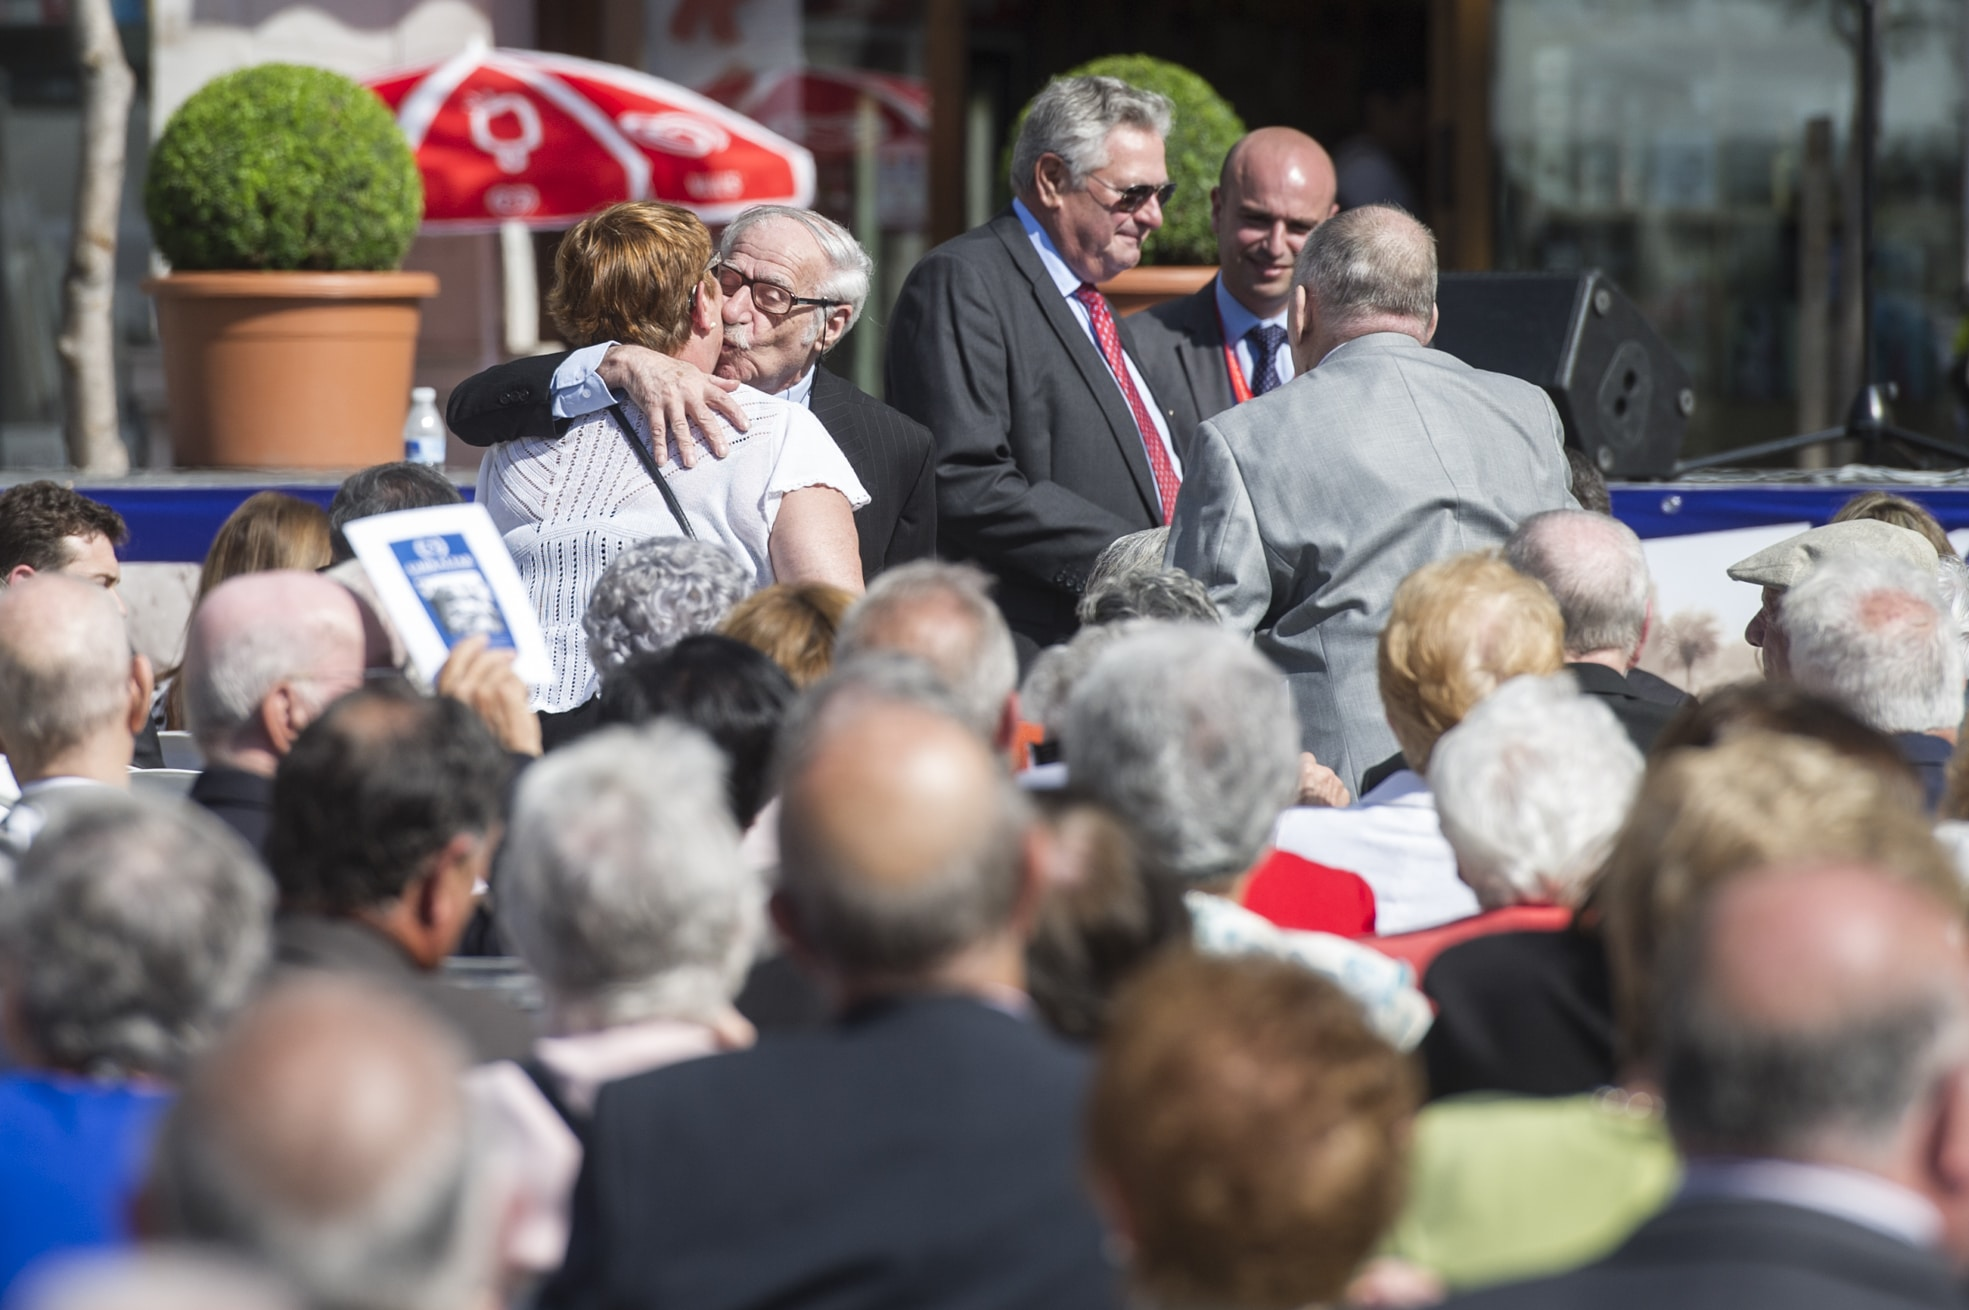 ceremonia-75-anos-evacuacion-gibraltar-22052015-05_17968746396_o